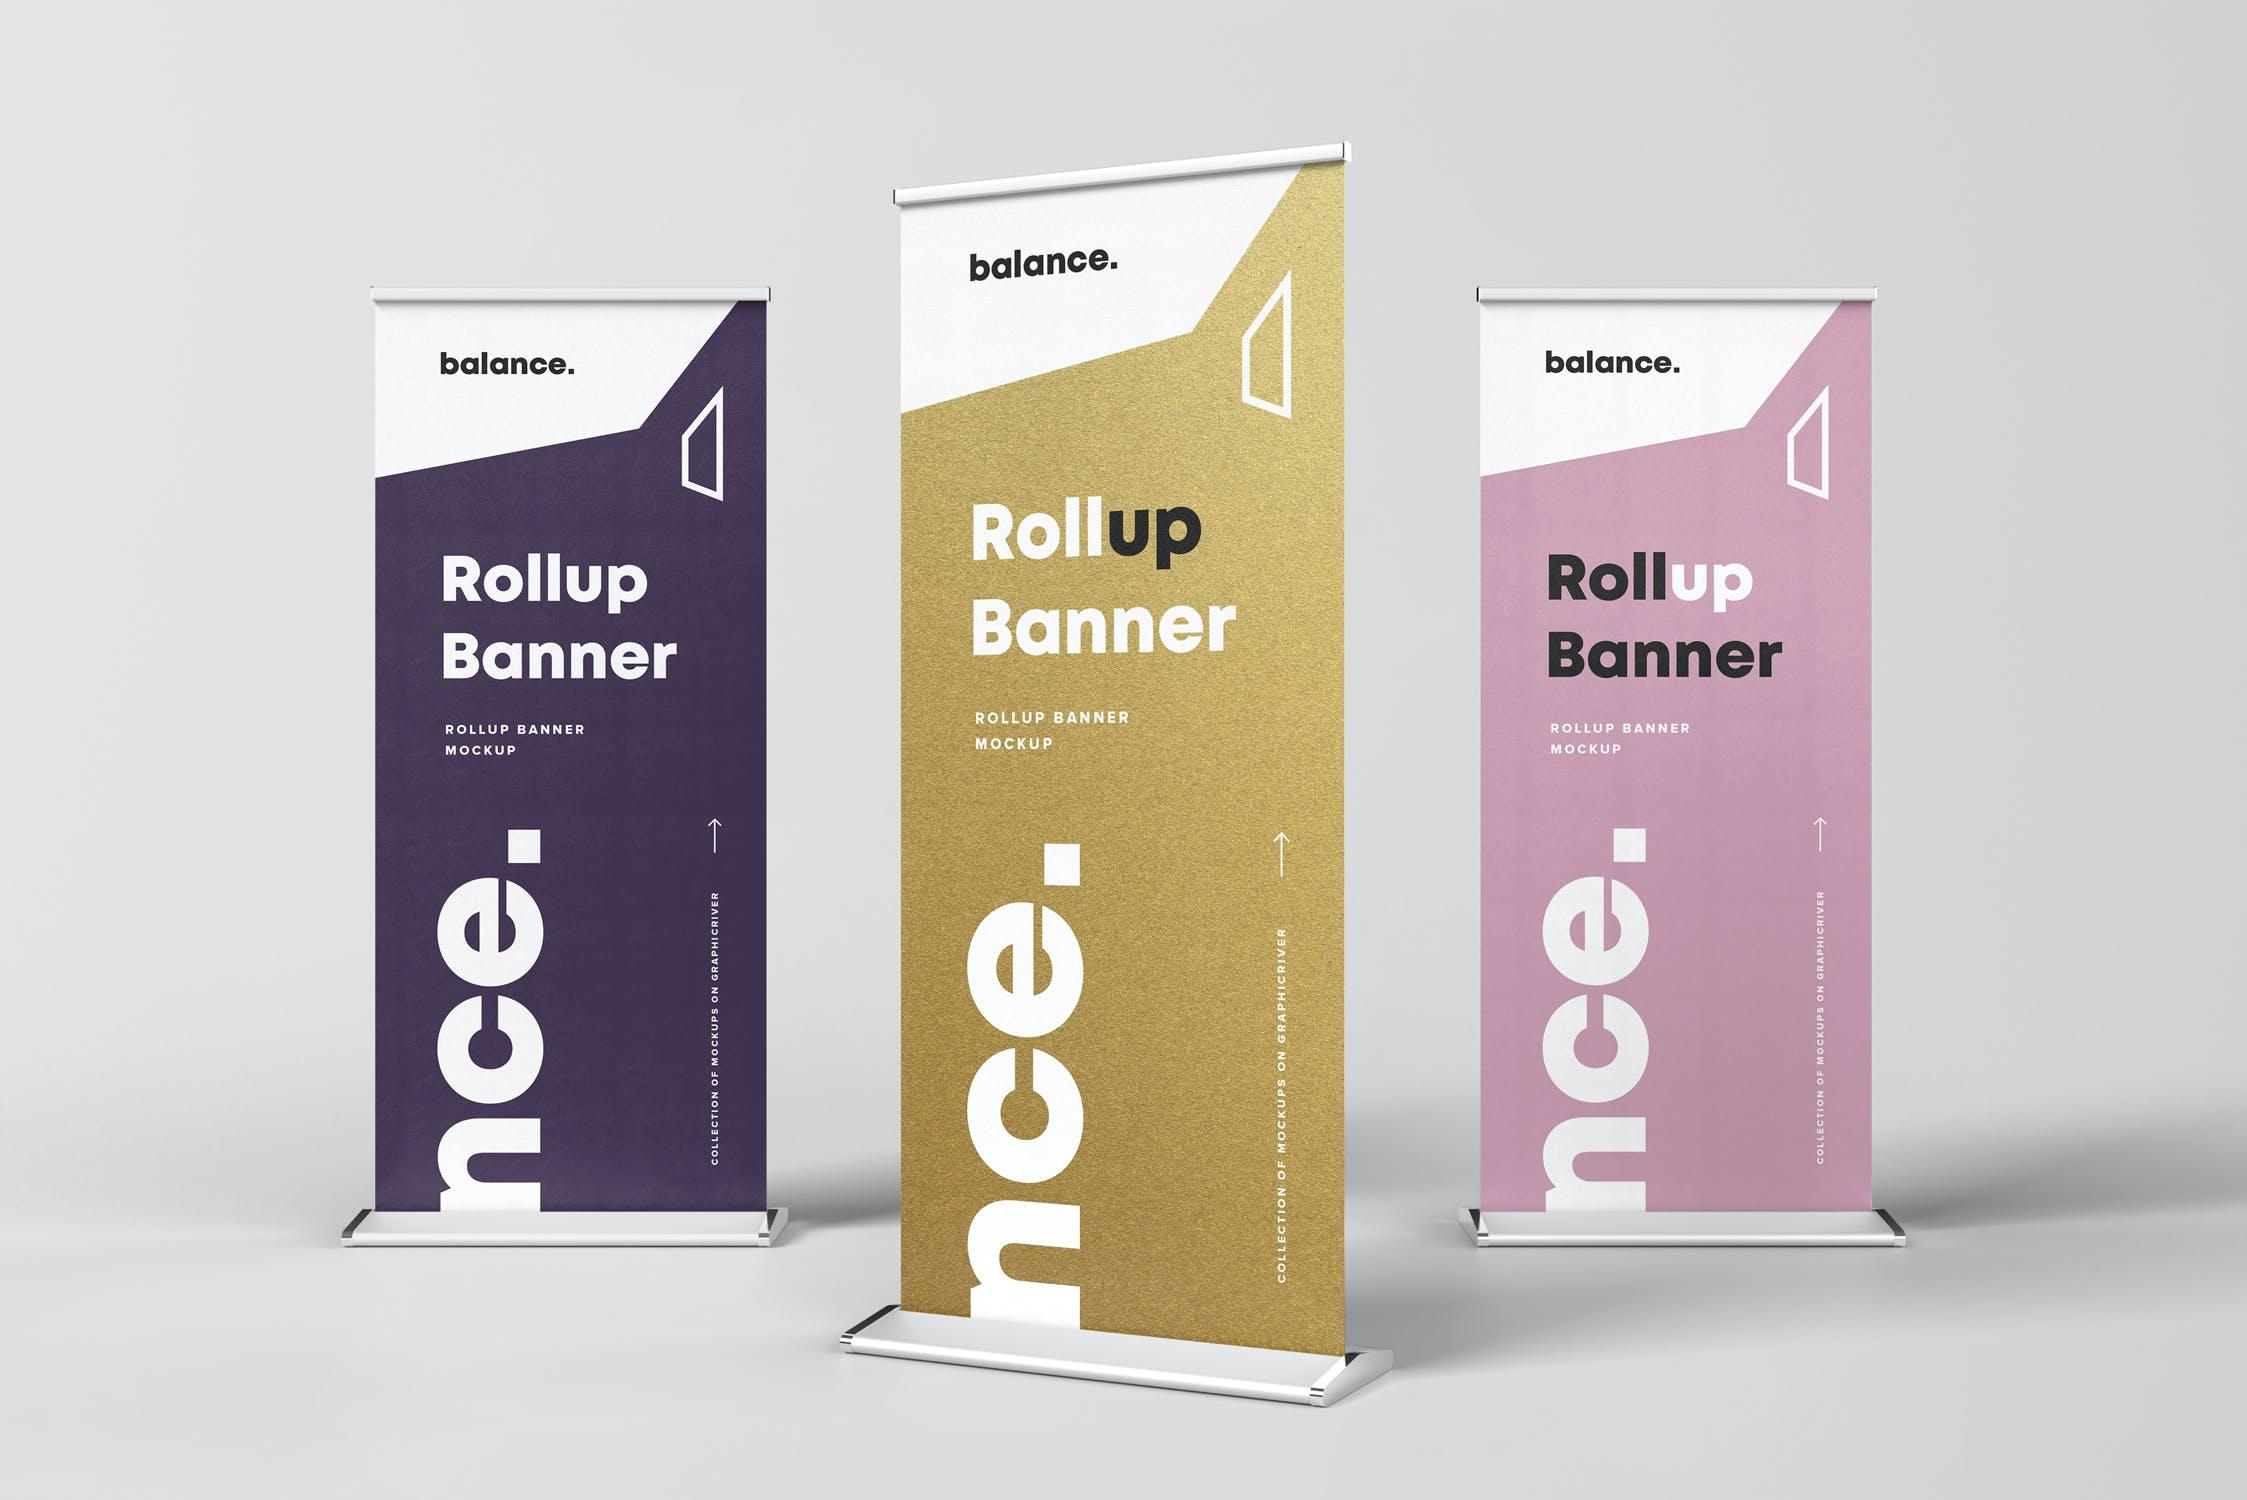 7款自立式易拉宝展架横幅海报设计展示样机模板 Roll Up Banner Mockup插图(2)